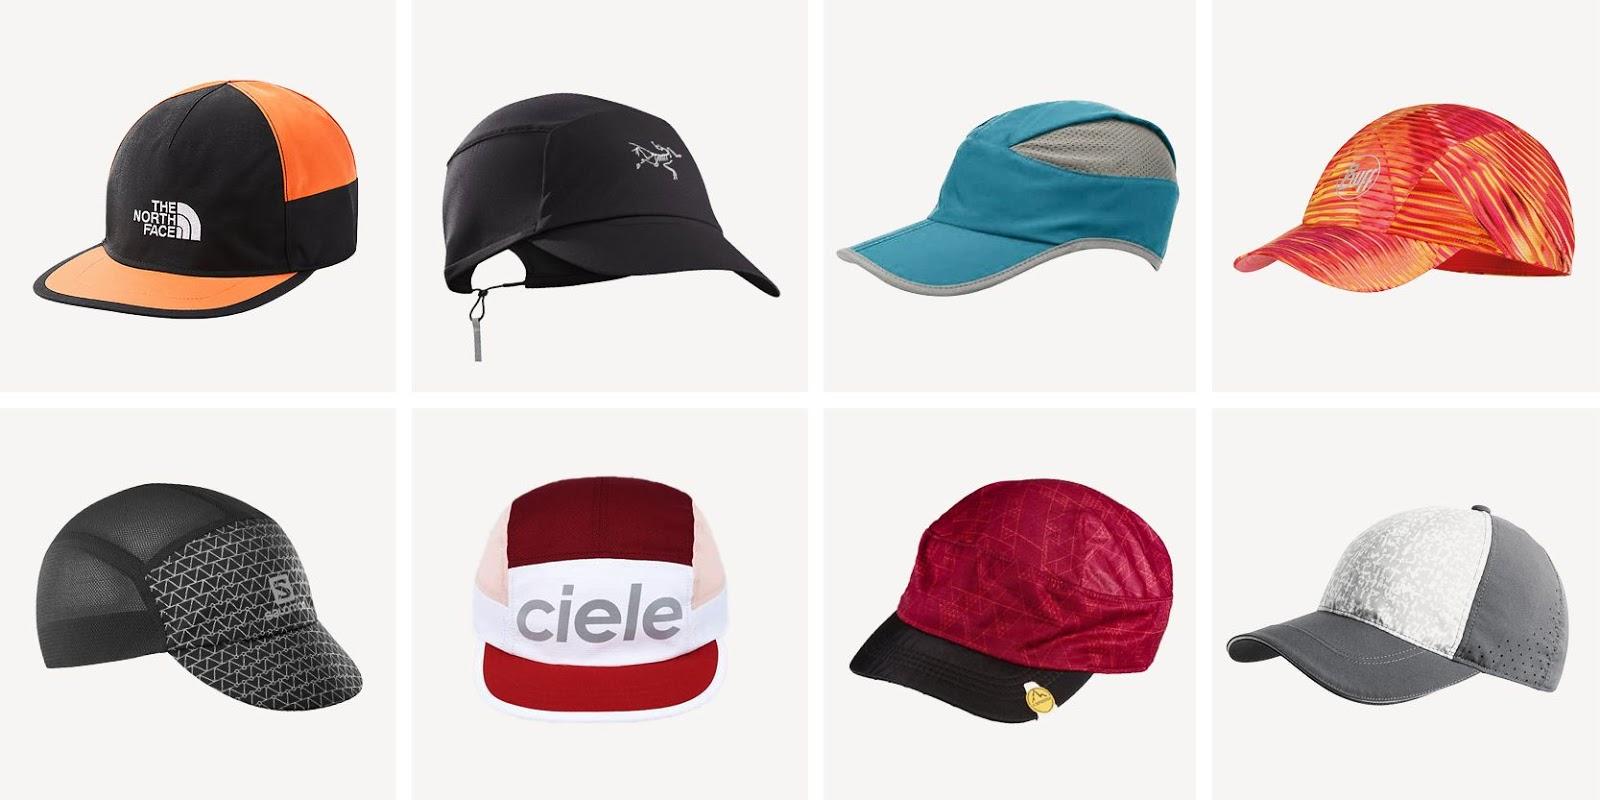 قبعات فاخرة للرجال لعام 2020